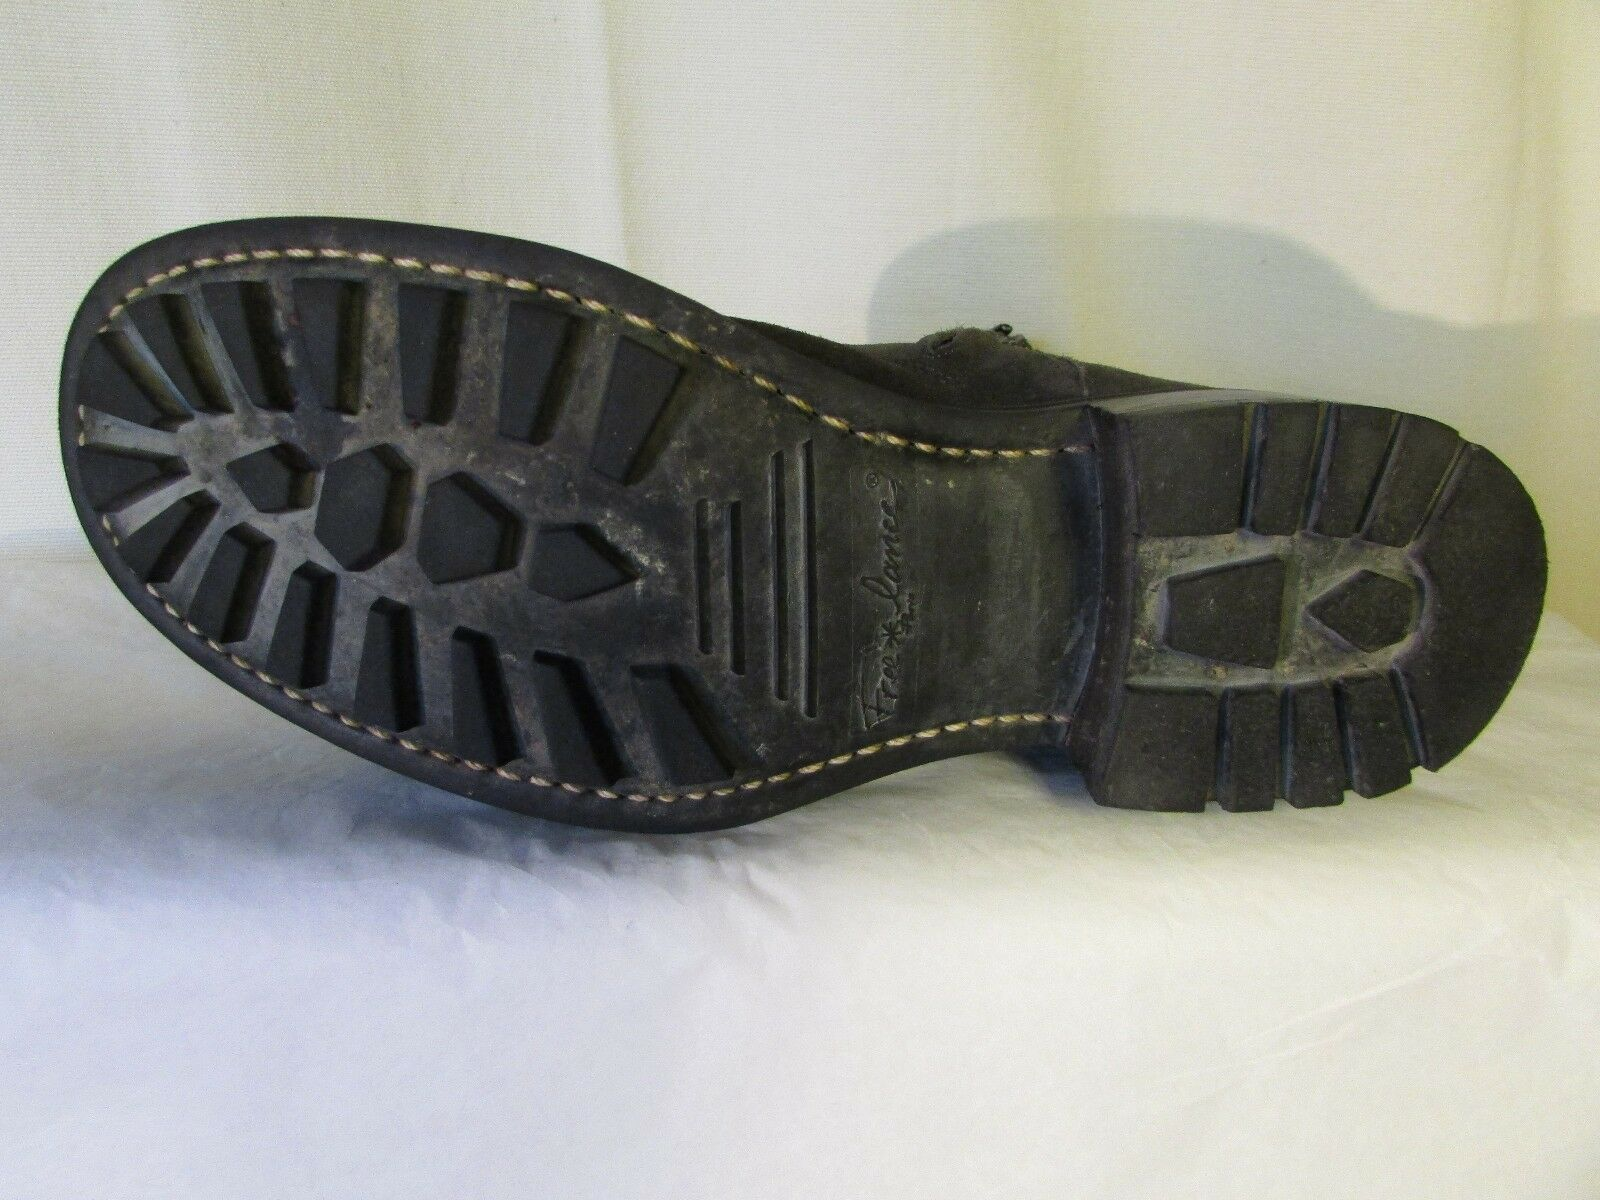 Stiefel Stiefel Stiefel Stiefletten Biker FREE LANCE Wildleder grau Größe 41 262a18